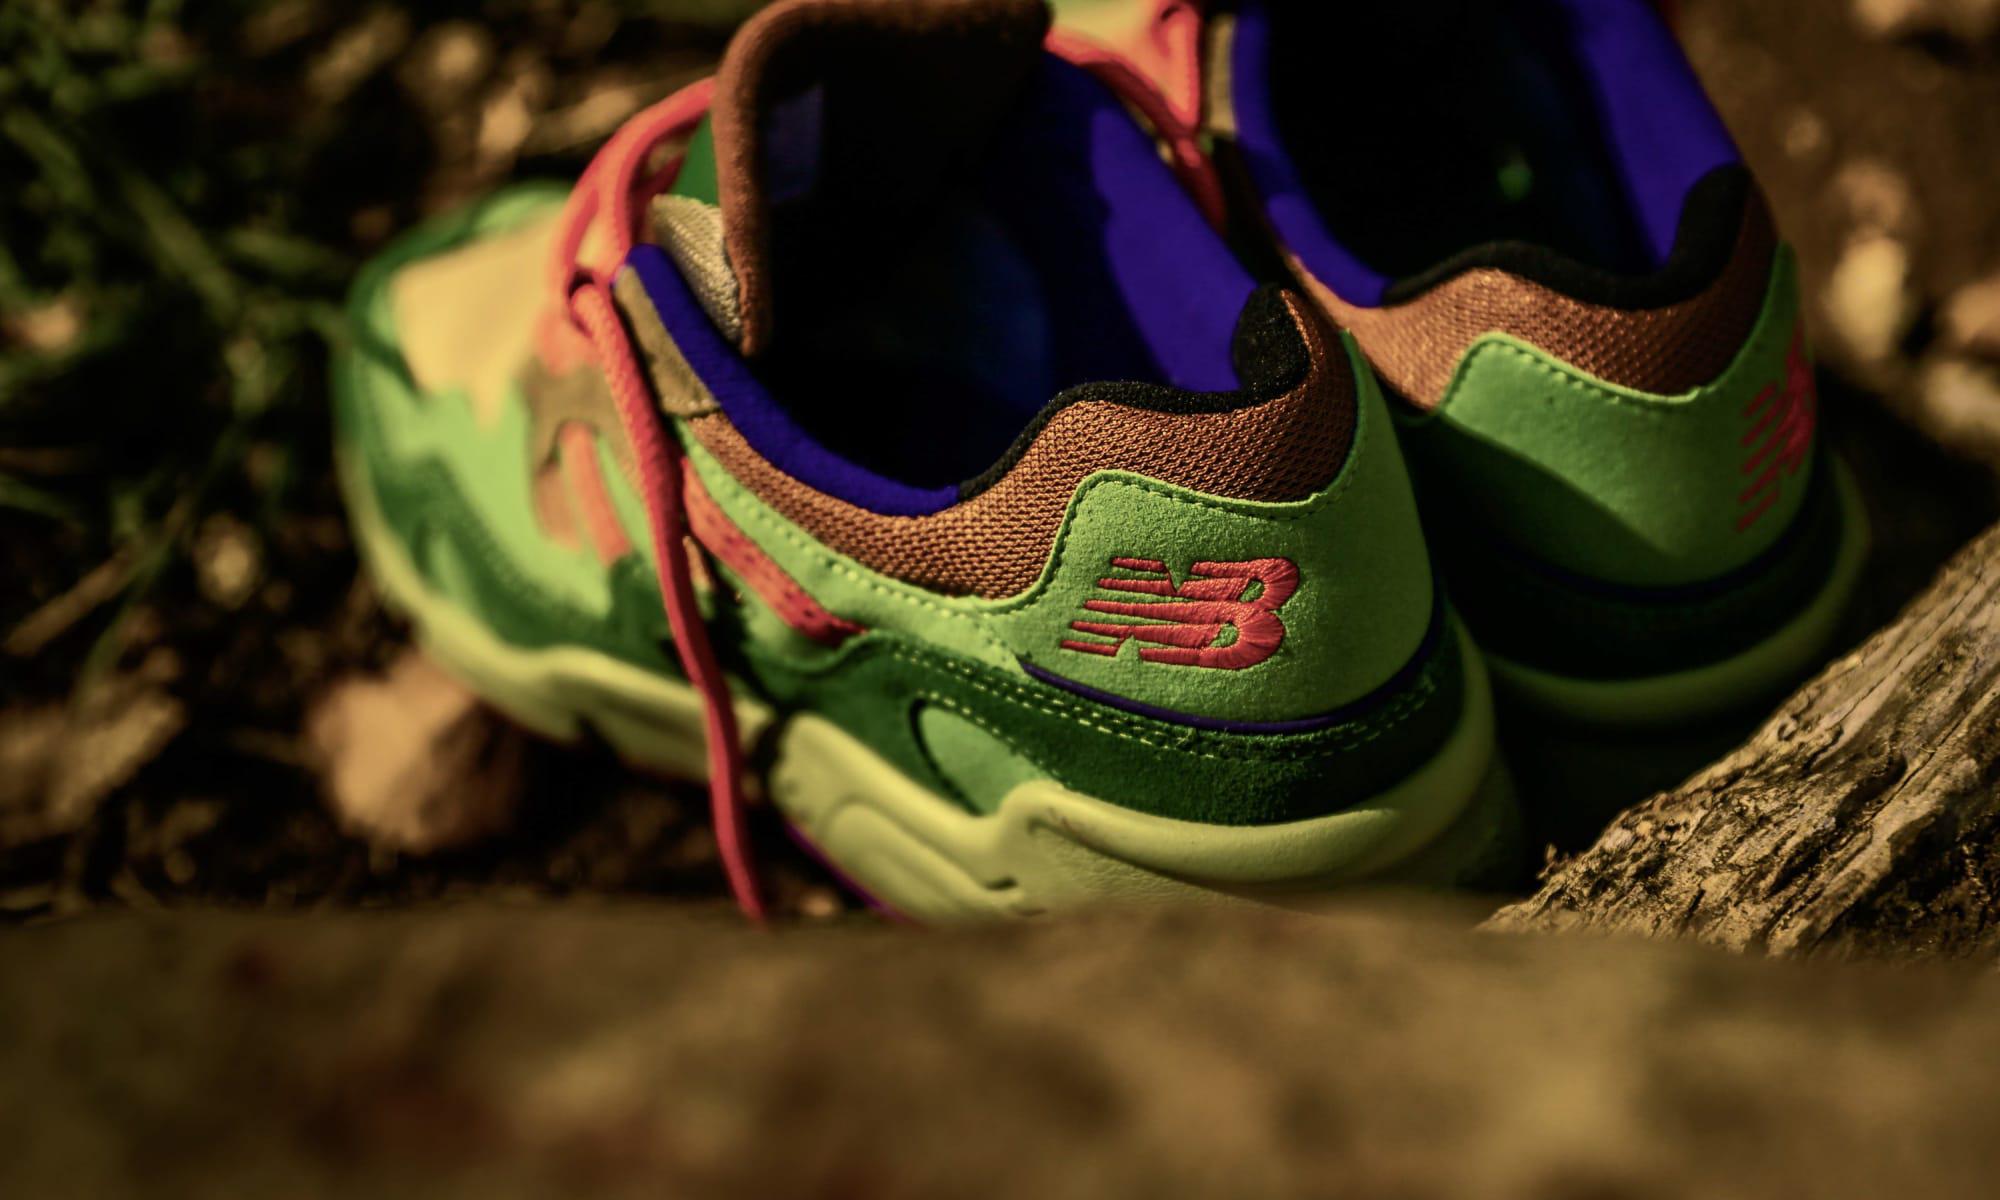 atmos 即将发布与 New Balance 全新联名 850 鞋款